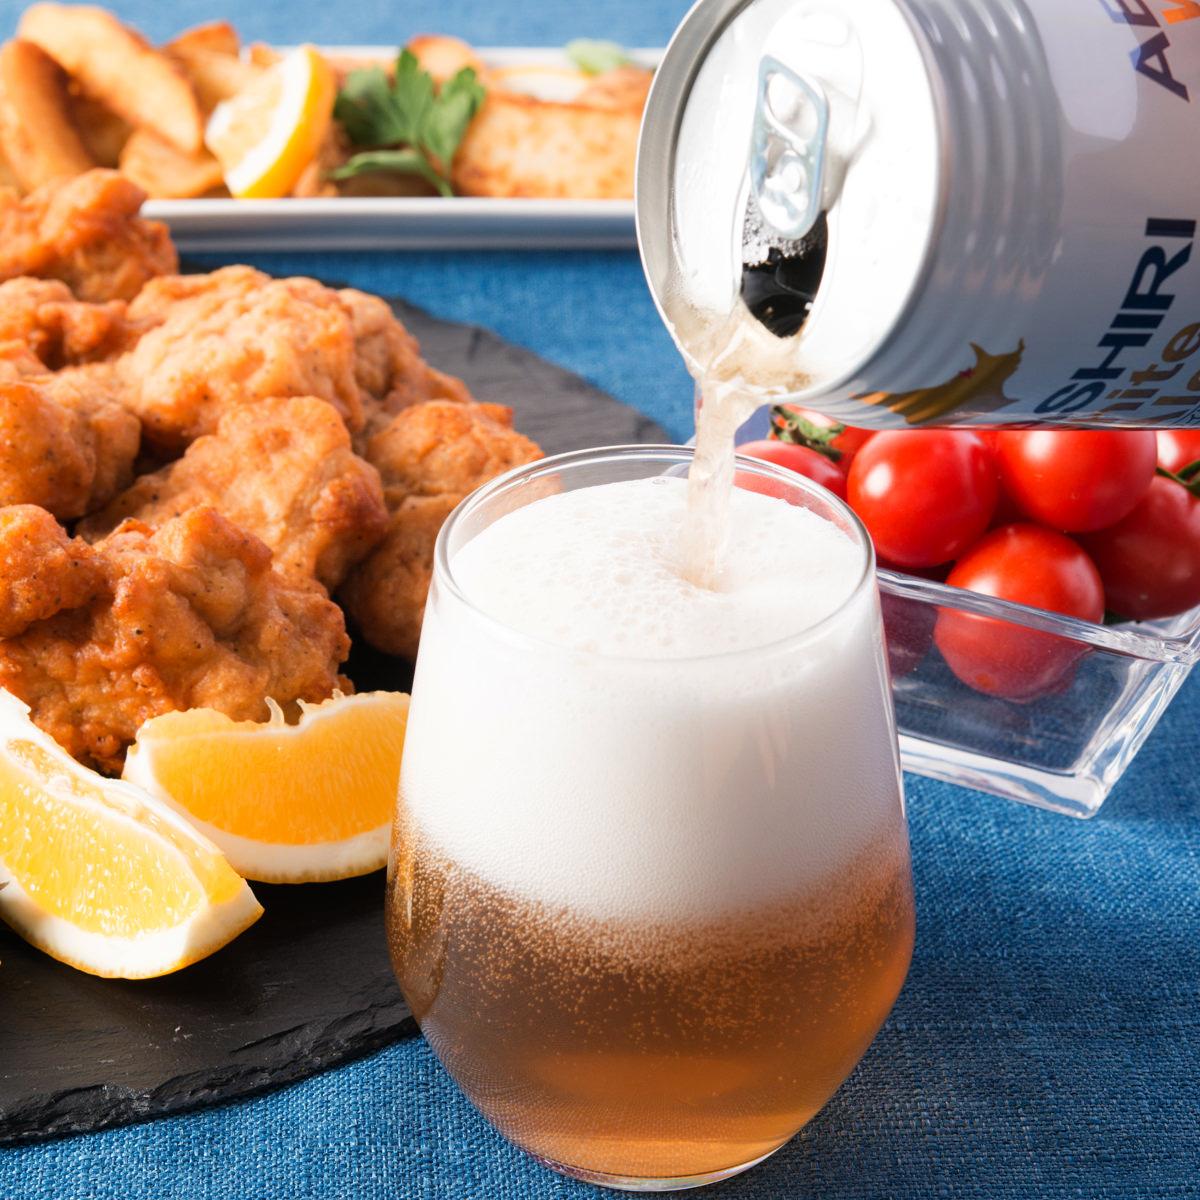 網走ビール 流氷ドラフト ABASHIRIホワイトエール(缶)8本セット〔350ml×各4〕【沖縄・離島 お届け不可】